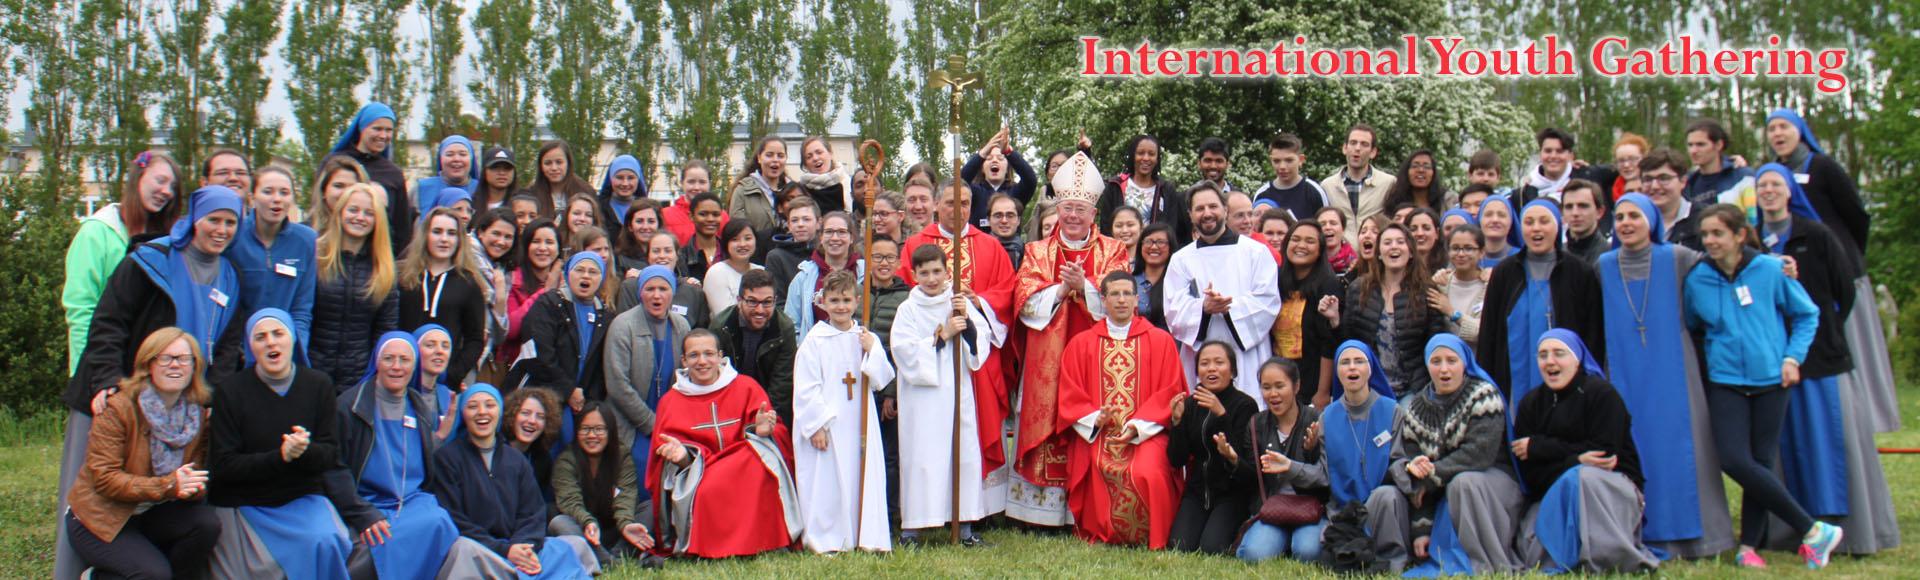 IVE-SSVM-International-youth-gathering